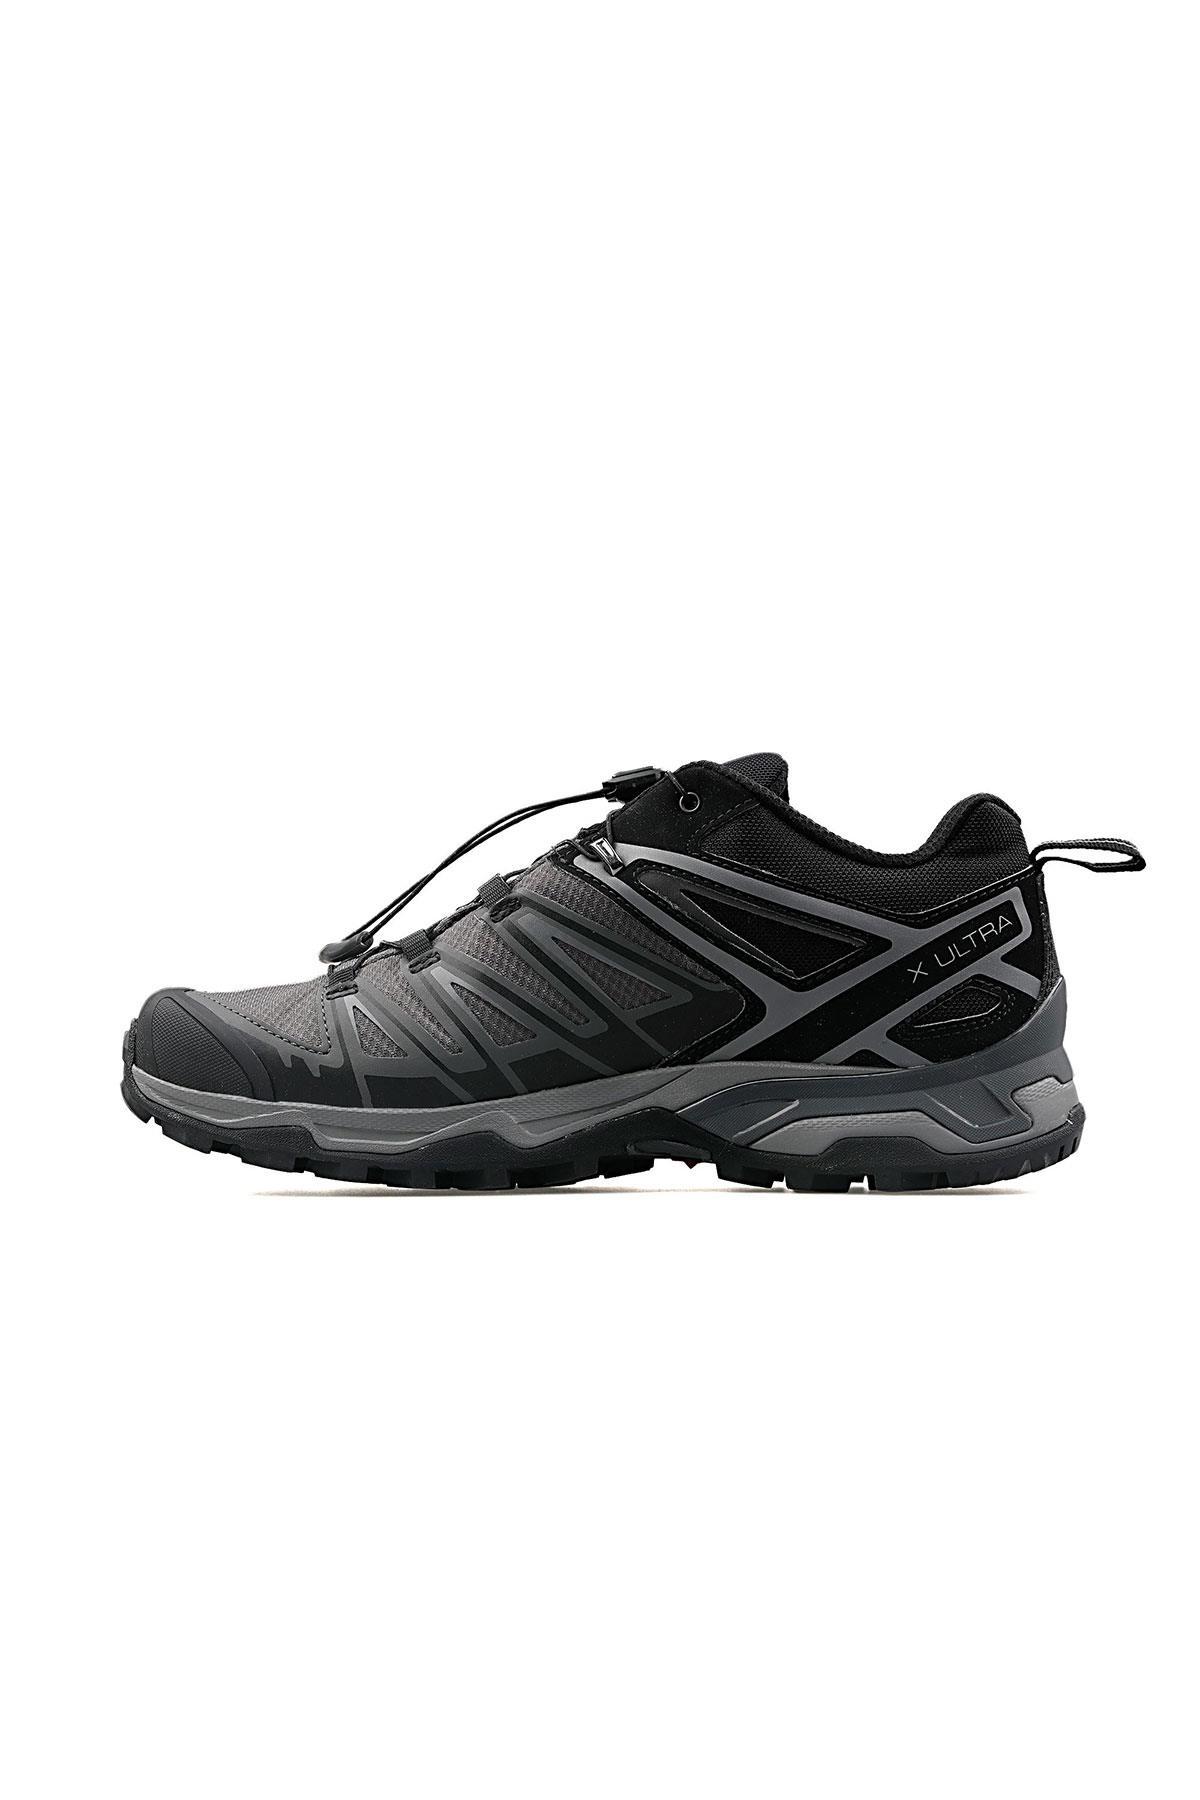 Salomon X Ultra 3 GTX Erkek Ayakkabısı